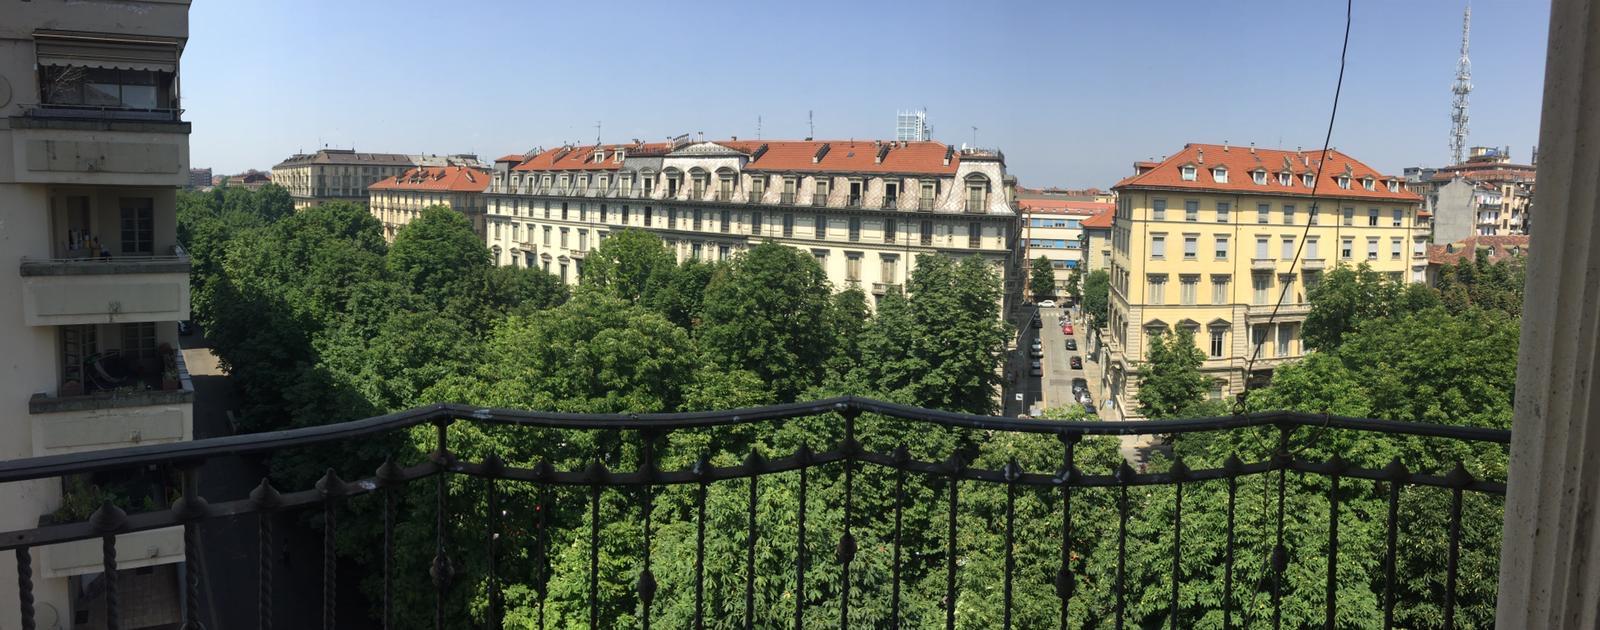 Appartamento da rivedere in Torino centro